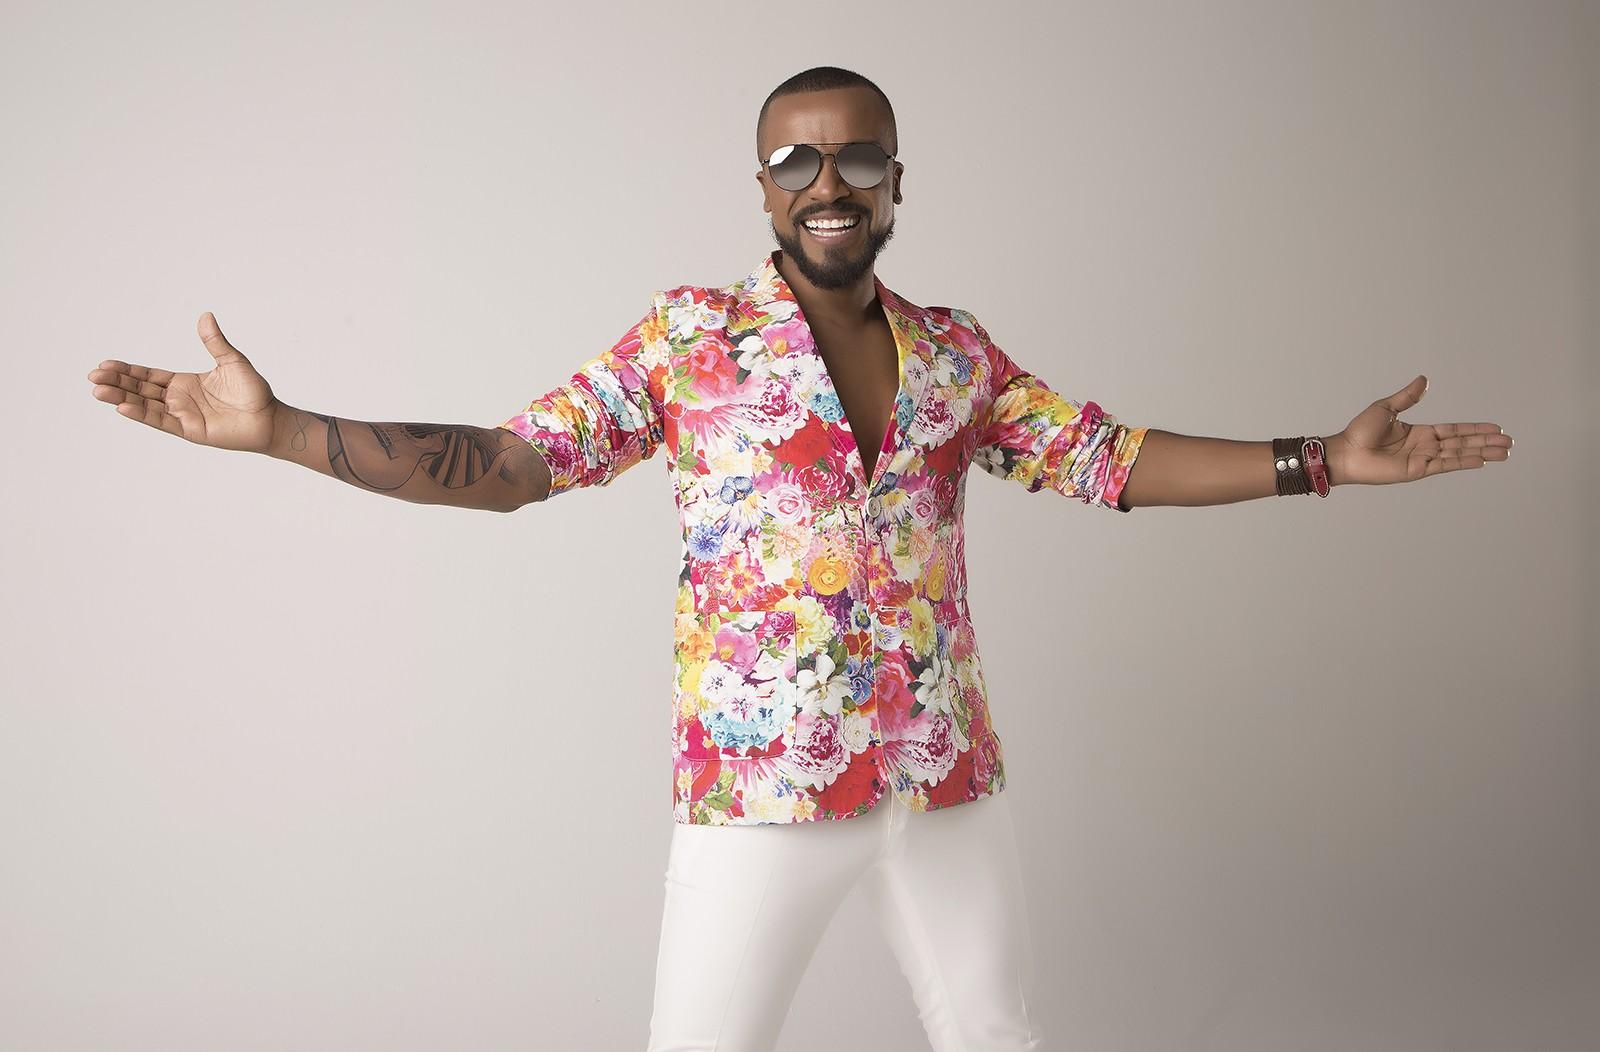 Alexandre Pires prolonga 'Baile do nêgo véio' com segundo álbum ao vivo - Notícias - Plantão Diário